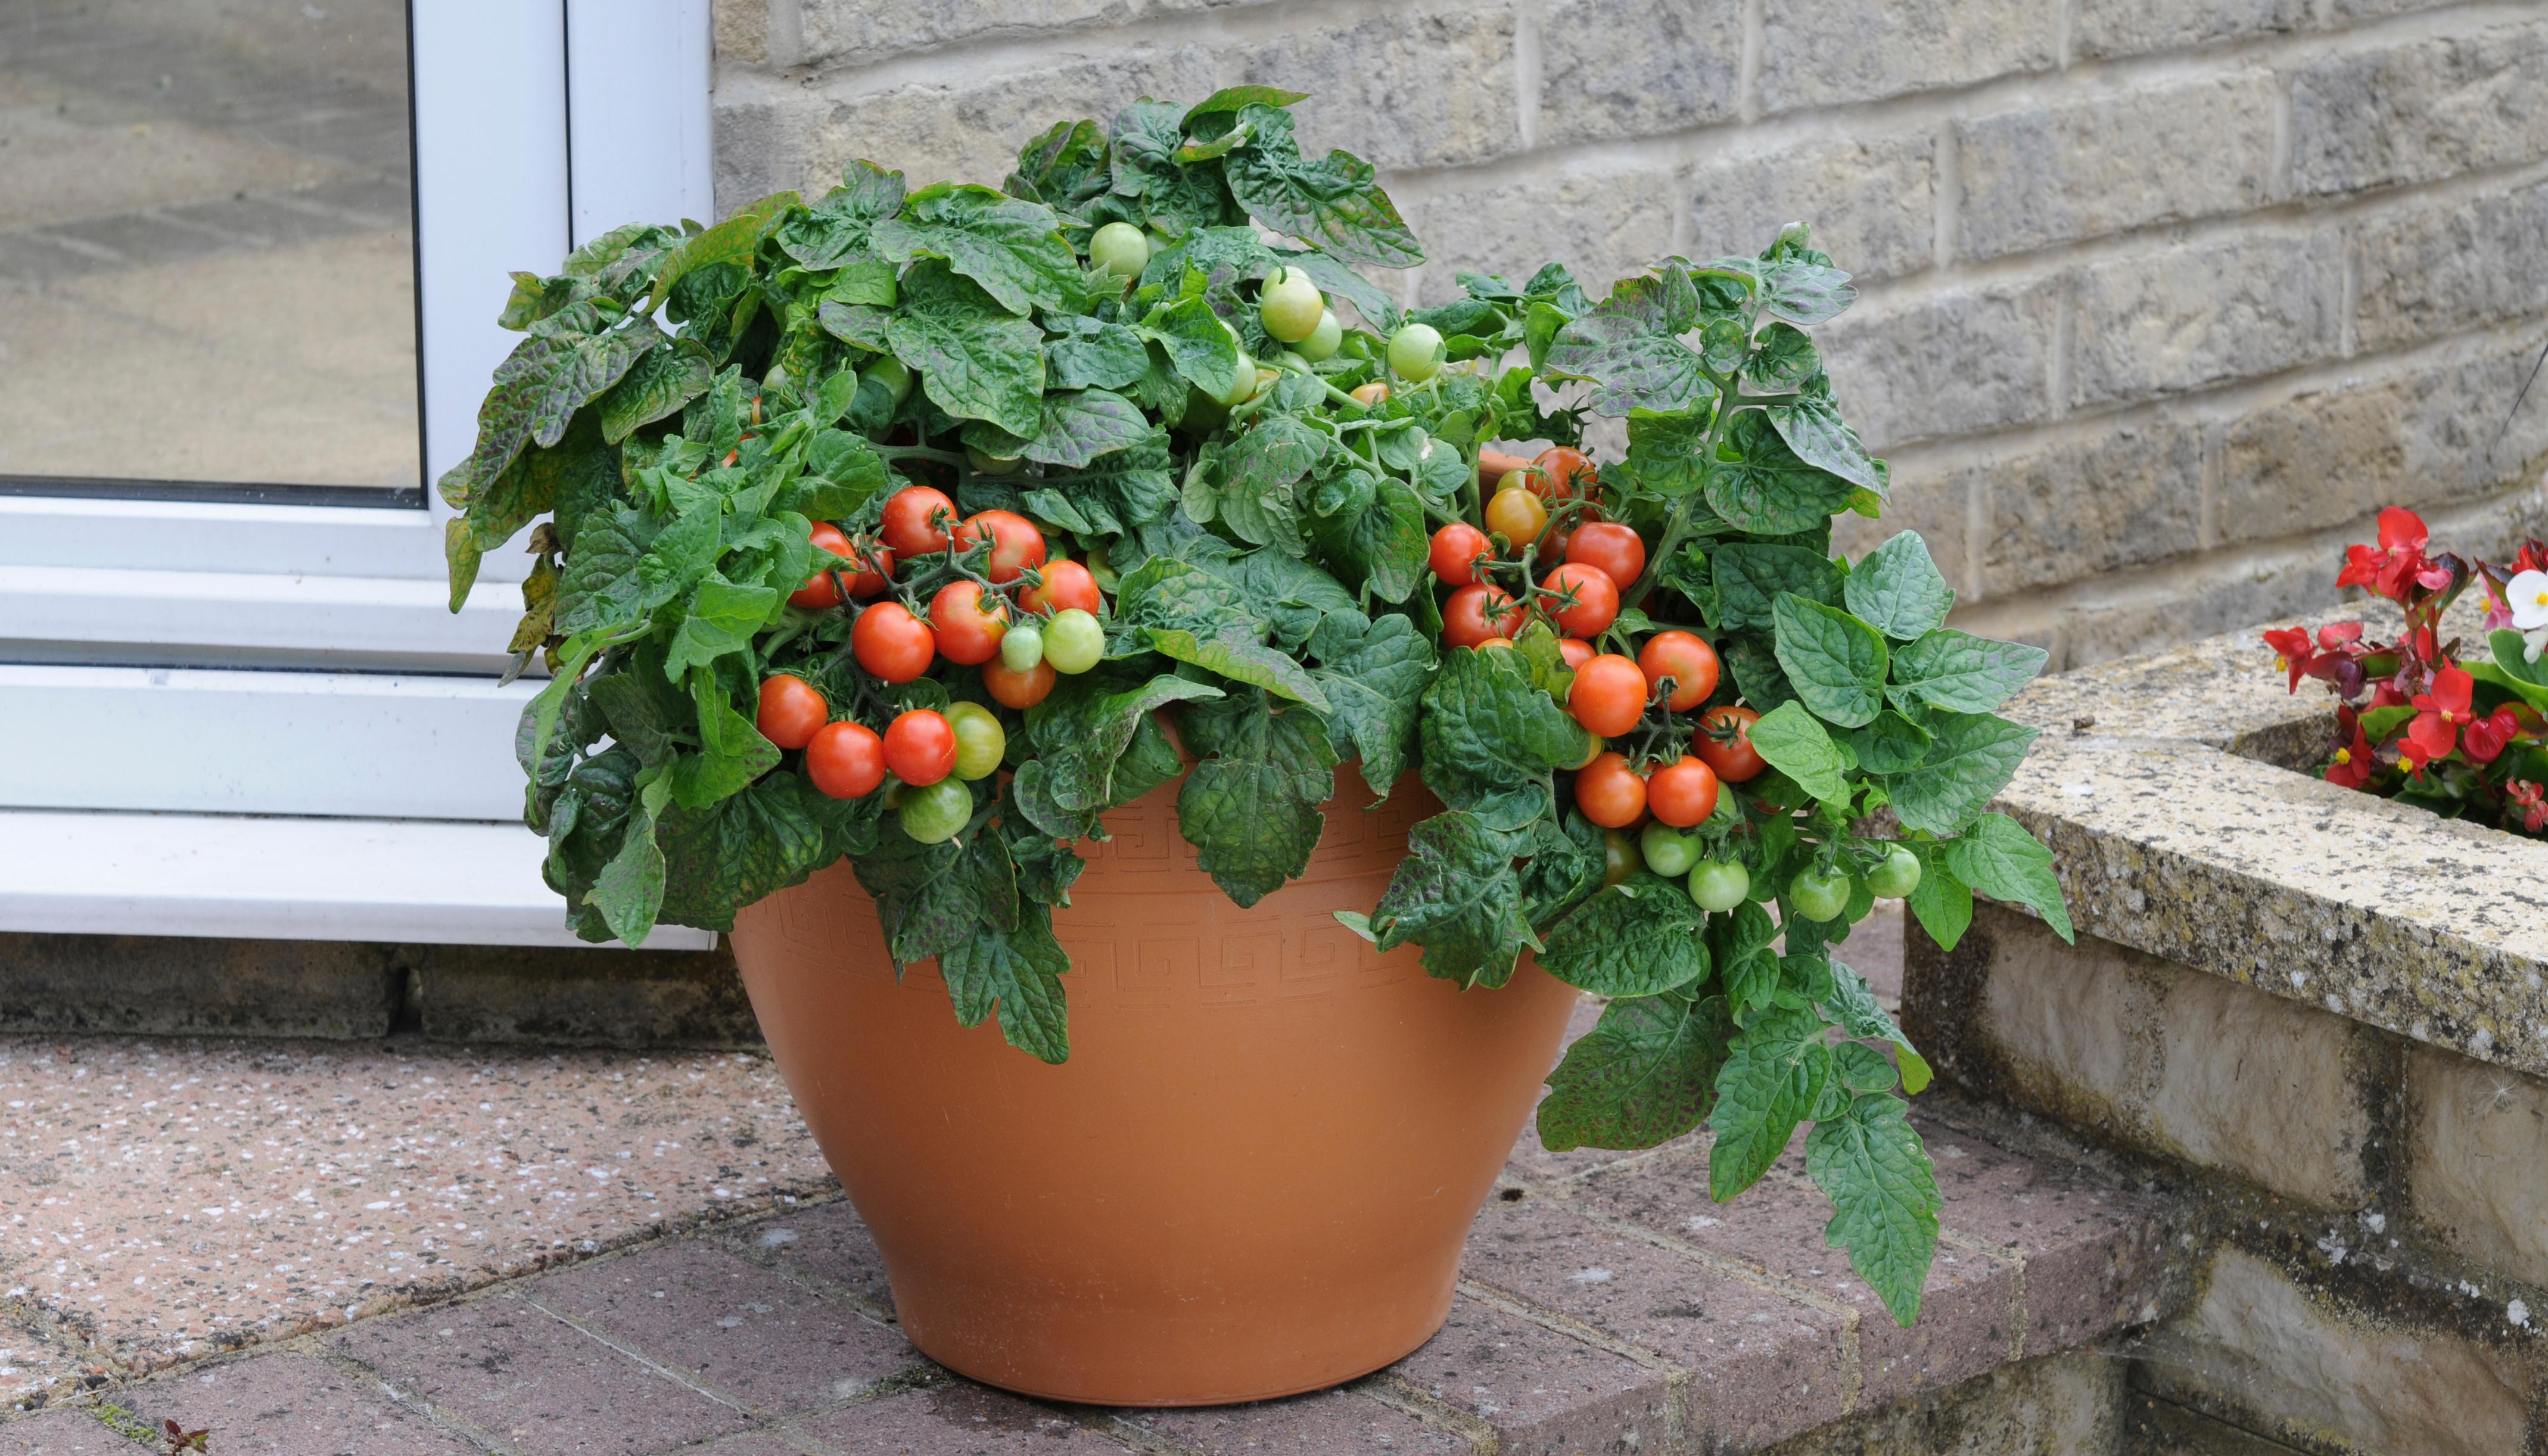 Какие овощи и фрукты можно выращивать на балконе?